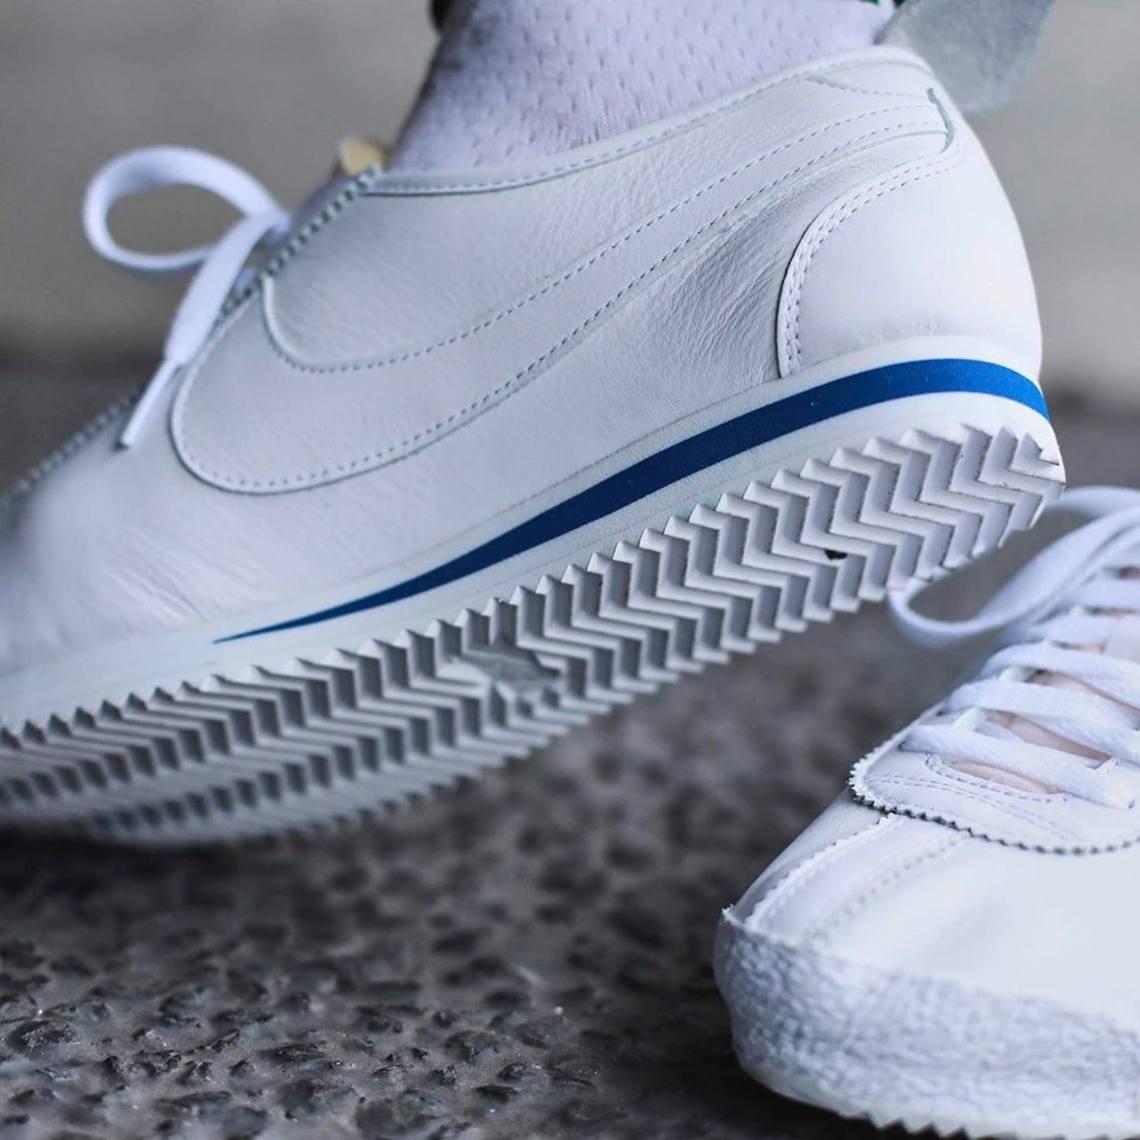 Préstamo de dinero Almacén horario  Nike recuerda sus origenes con este pack de Cortez | Desempacados